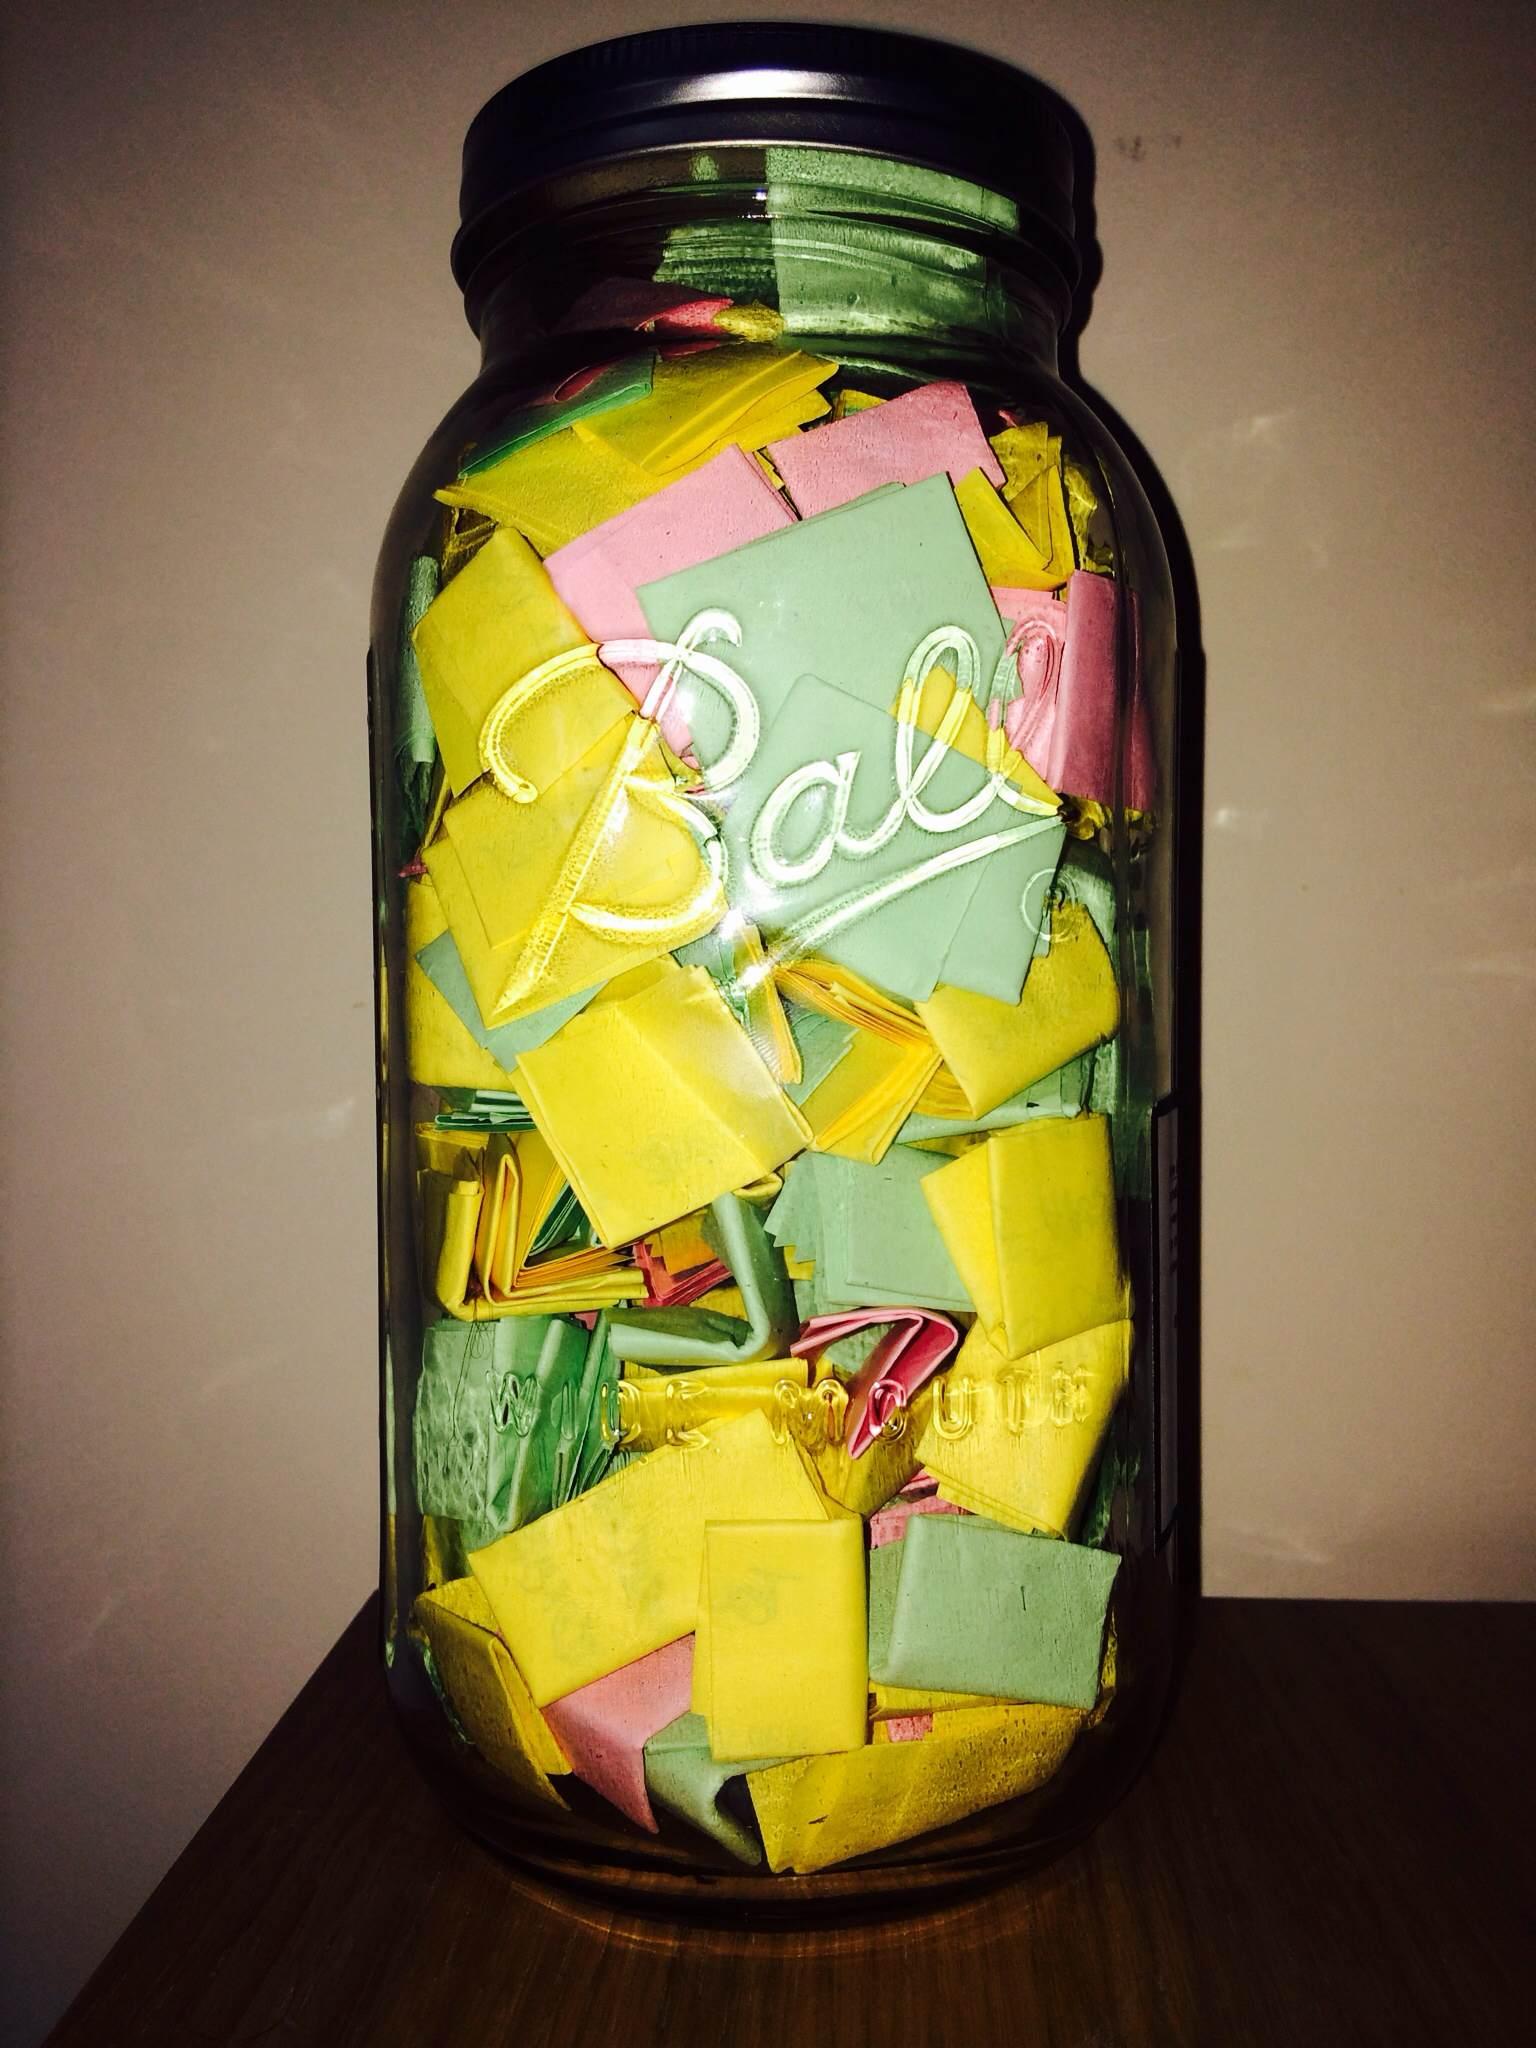 Un chico cre un frasco de 365 notas para su novia - Regalos chico joven ...